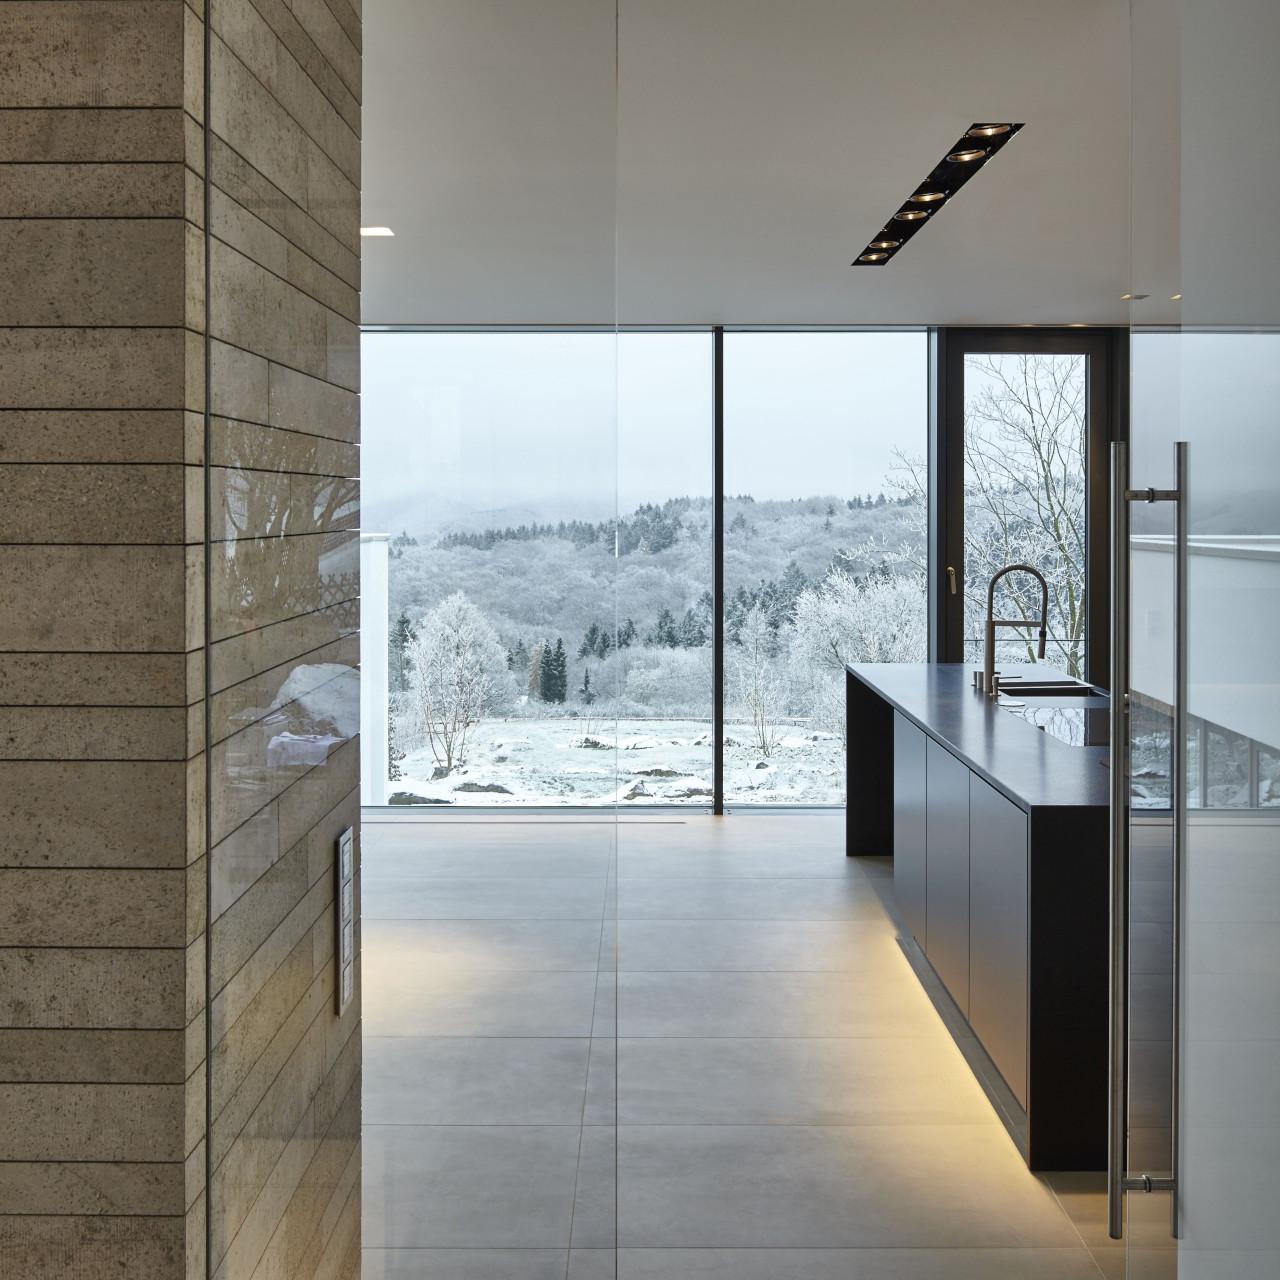 Haus Eifel, Fachwerk4 | Architekten BDA, Architekturbüro für elegante und moderne Architektur in Rheinland-Pfalz und darüber hinaus. Foto: © Christian Eblenkamp